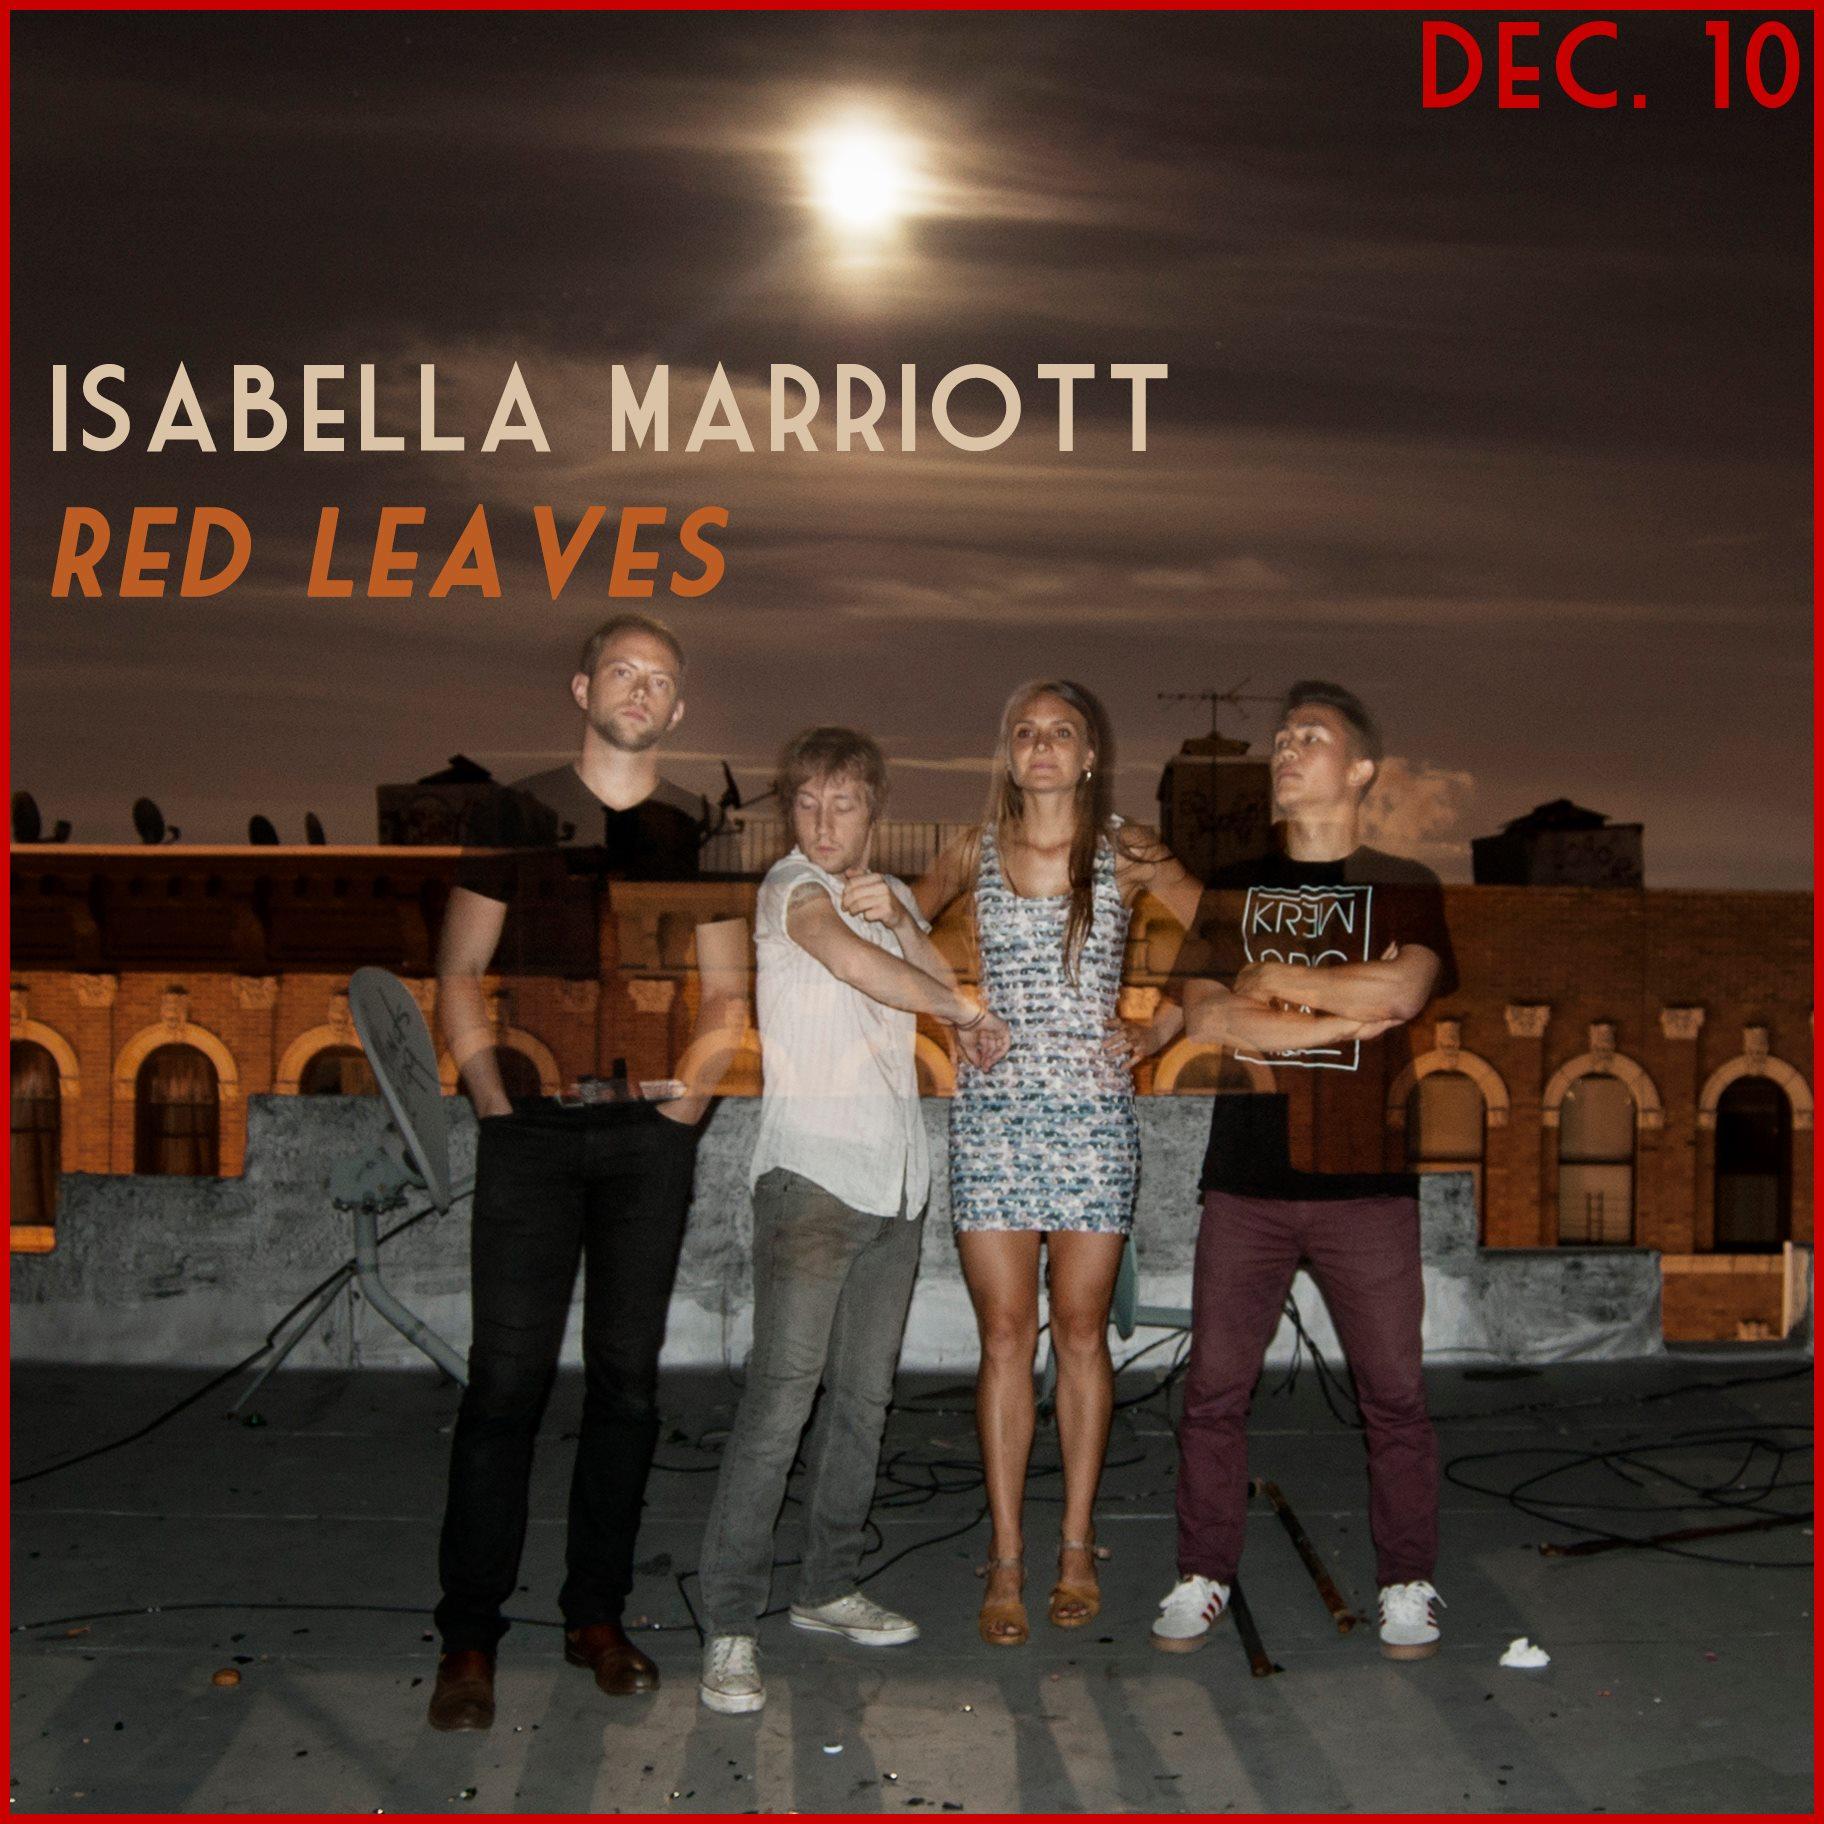 Red Leaves Dec 10 2014.jpg